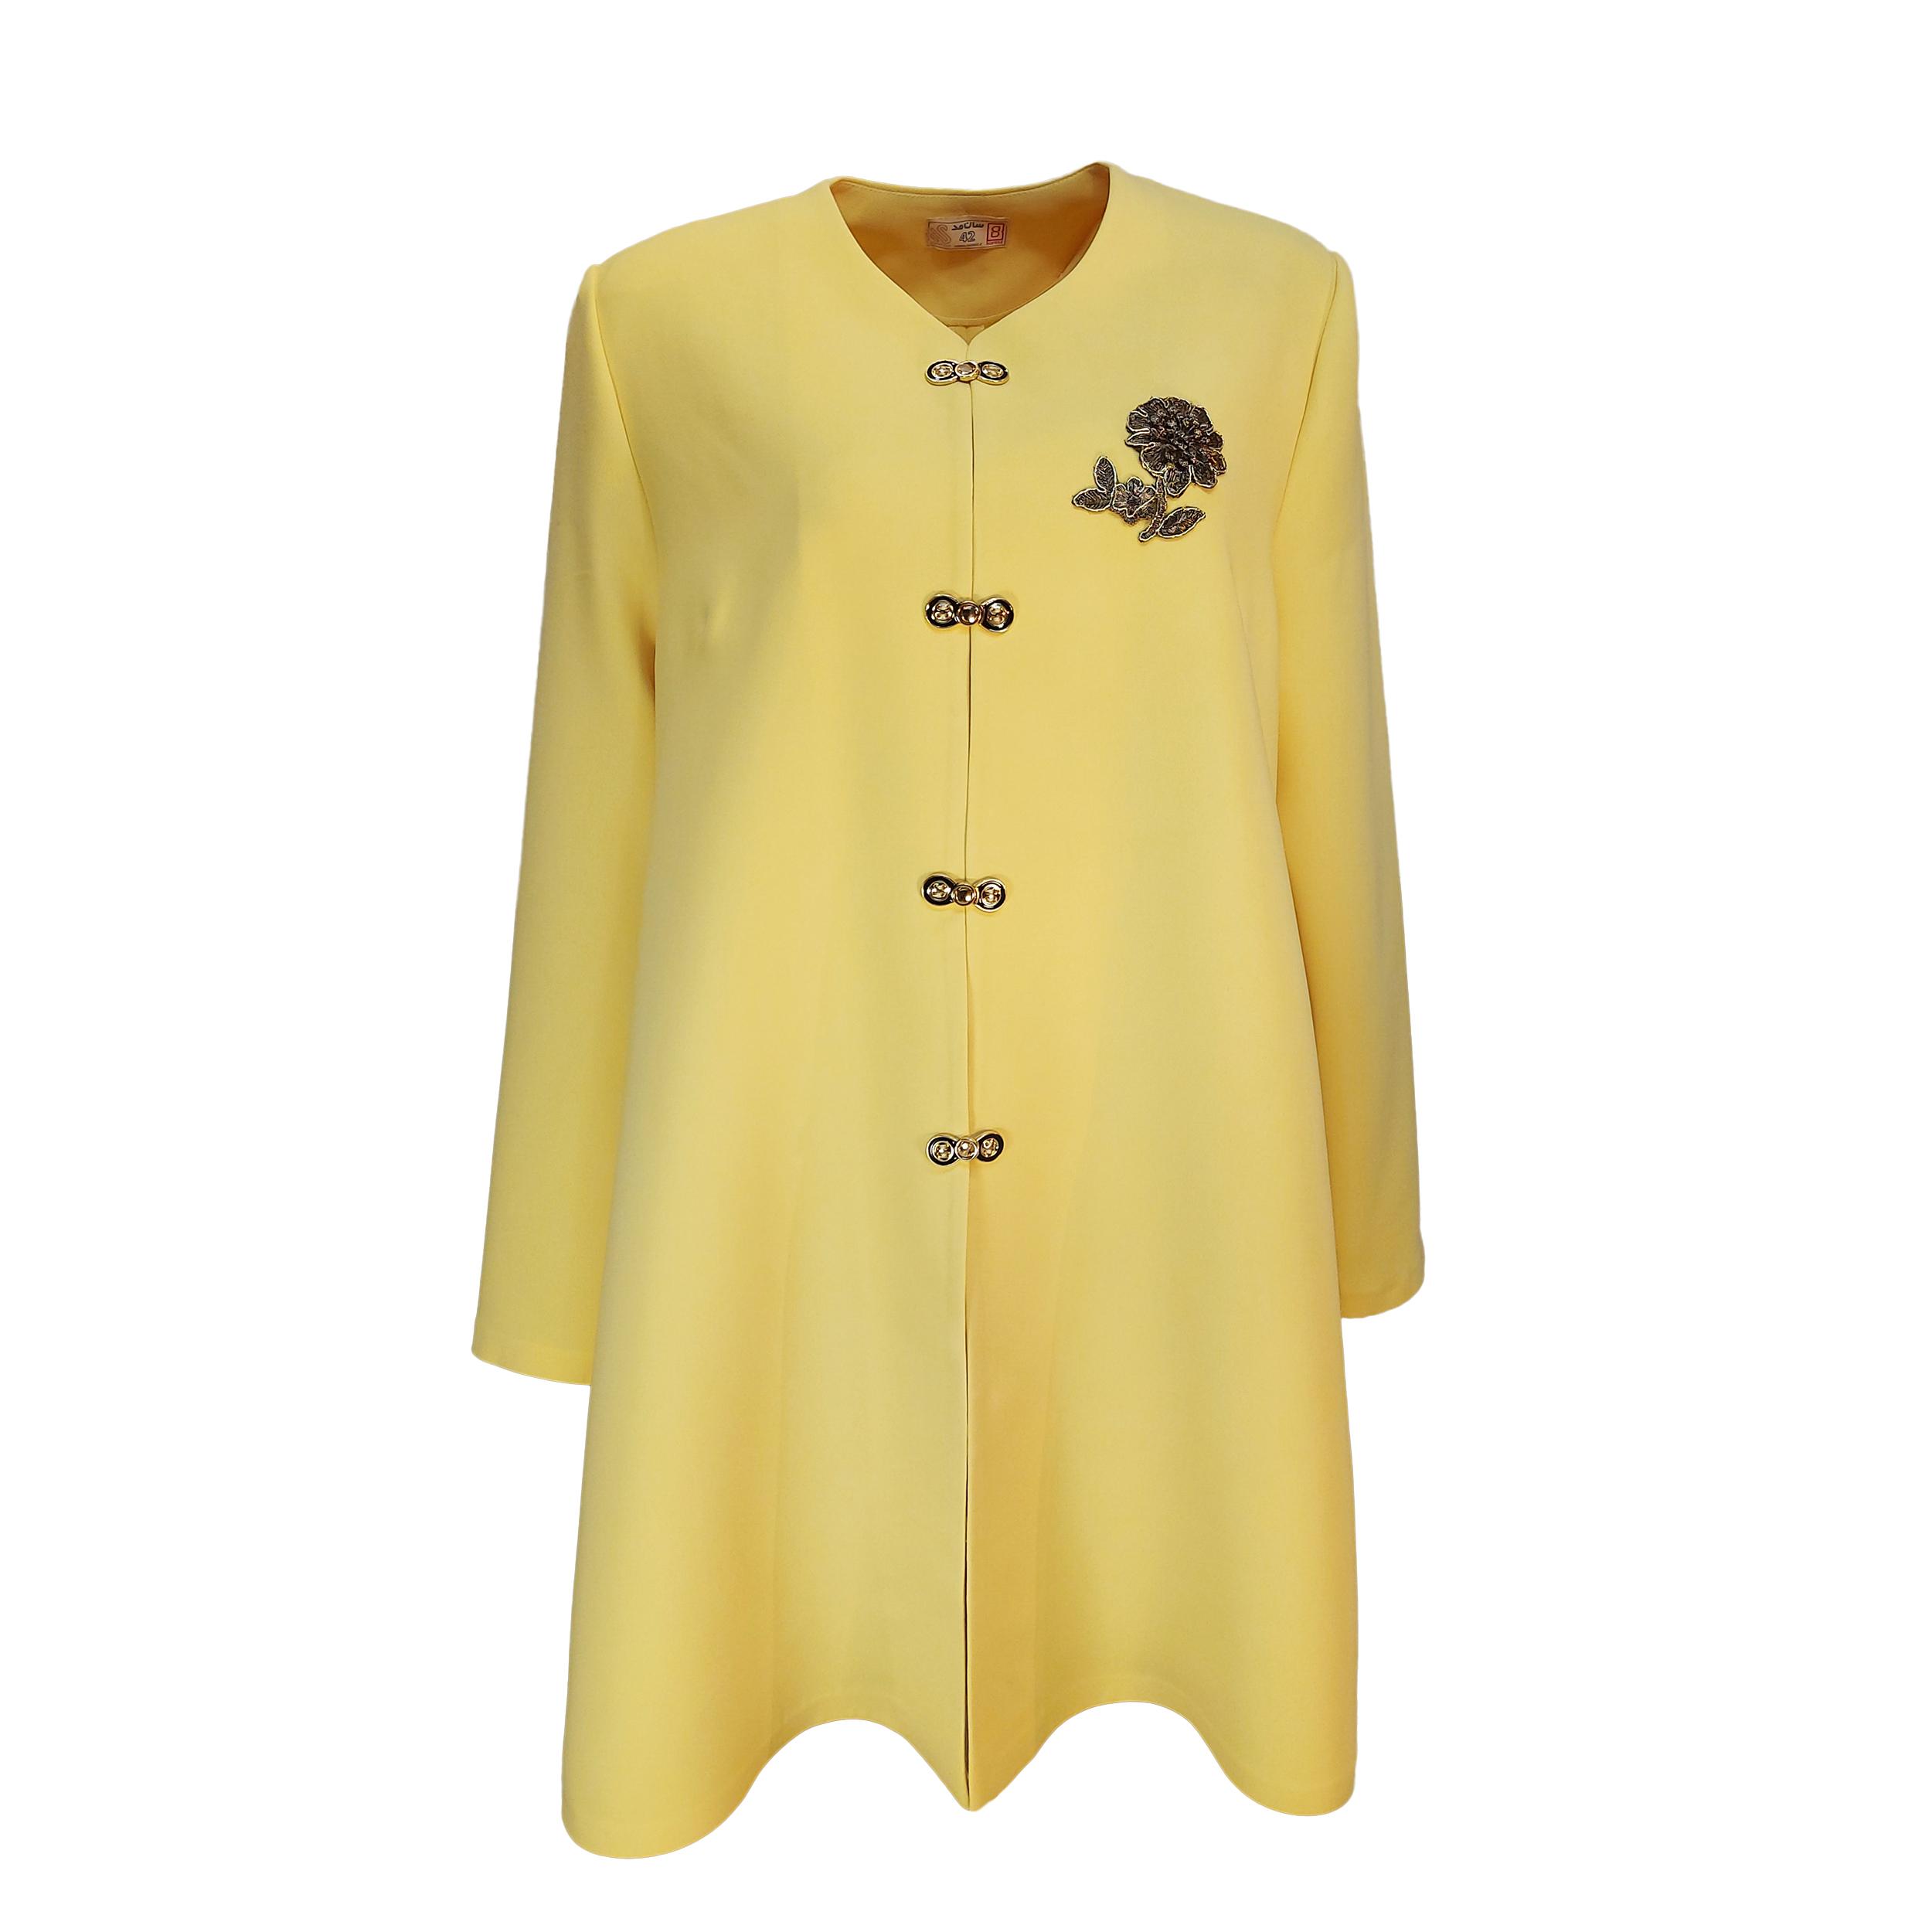 مانتو زنانه سان مد کد SM200_KNZ_SR_SG رنگ زرد